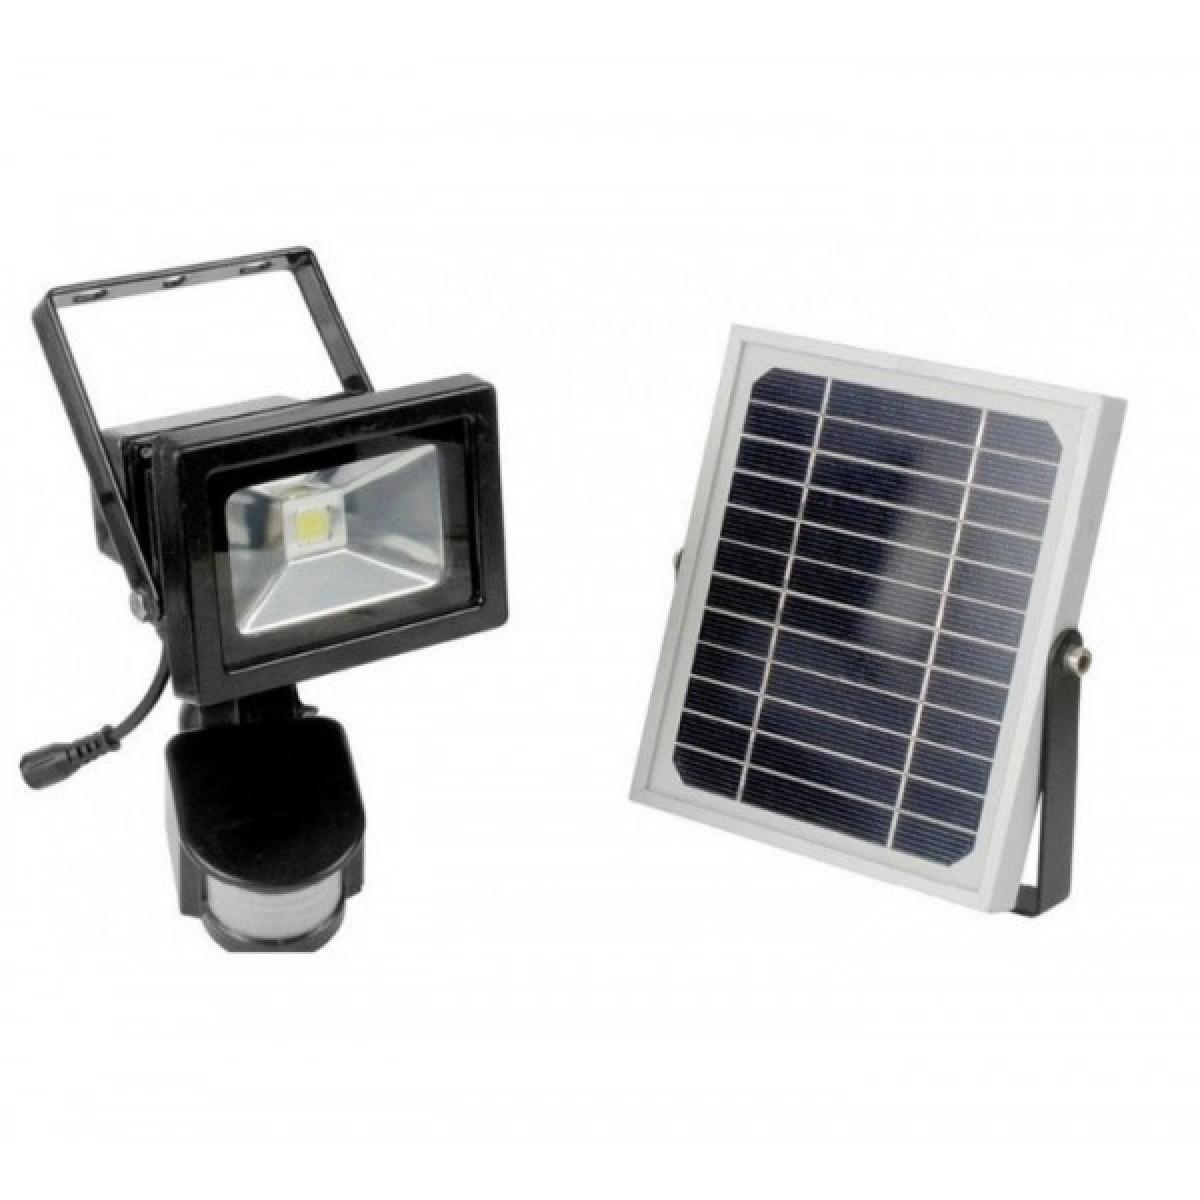 Ηλιακός LED προβολέας 30W με ανιχνευτή κίνησης & φωτοβολταϊκό συλλέκτη